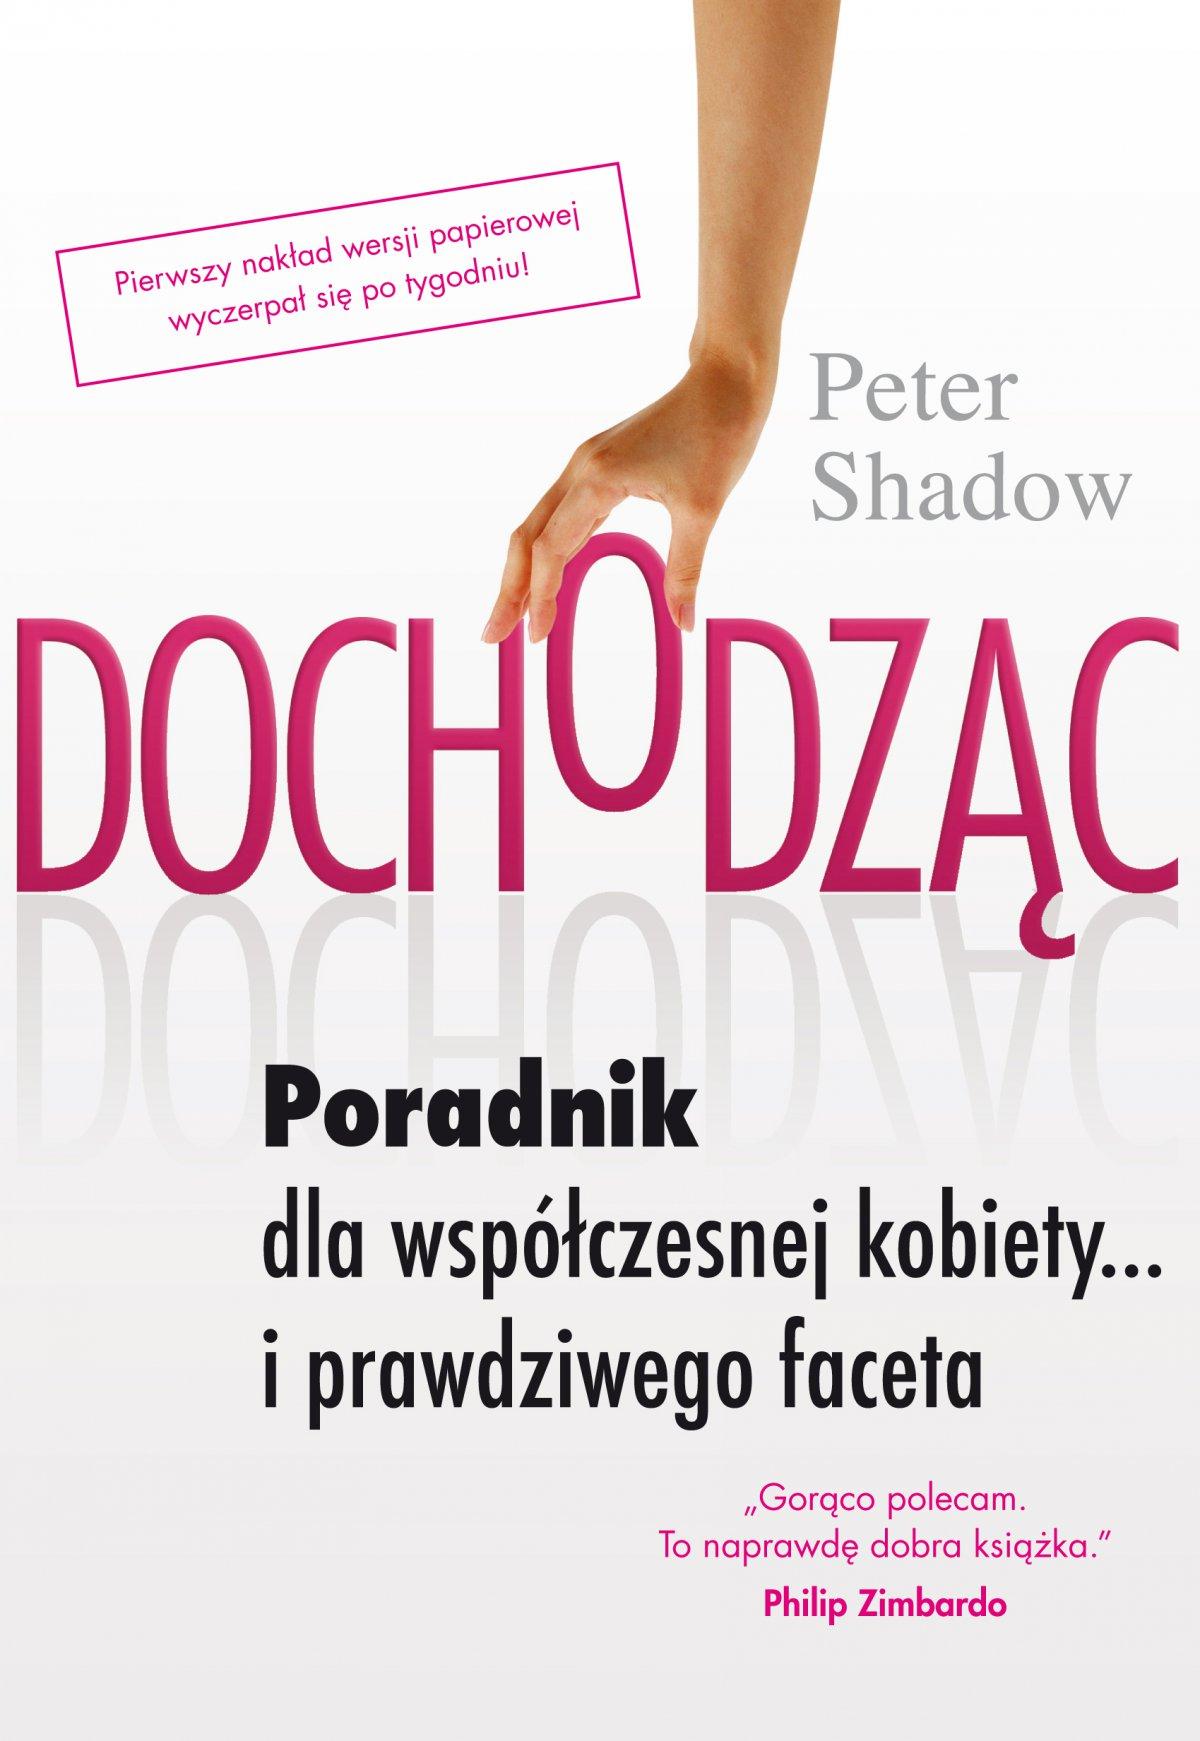 Dochodząc. Poradnik dla współczesnej kobiety…i prawdziwego faceta - Ebook (Książka na Kindle) do pobrania w formacie MOBI